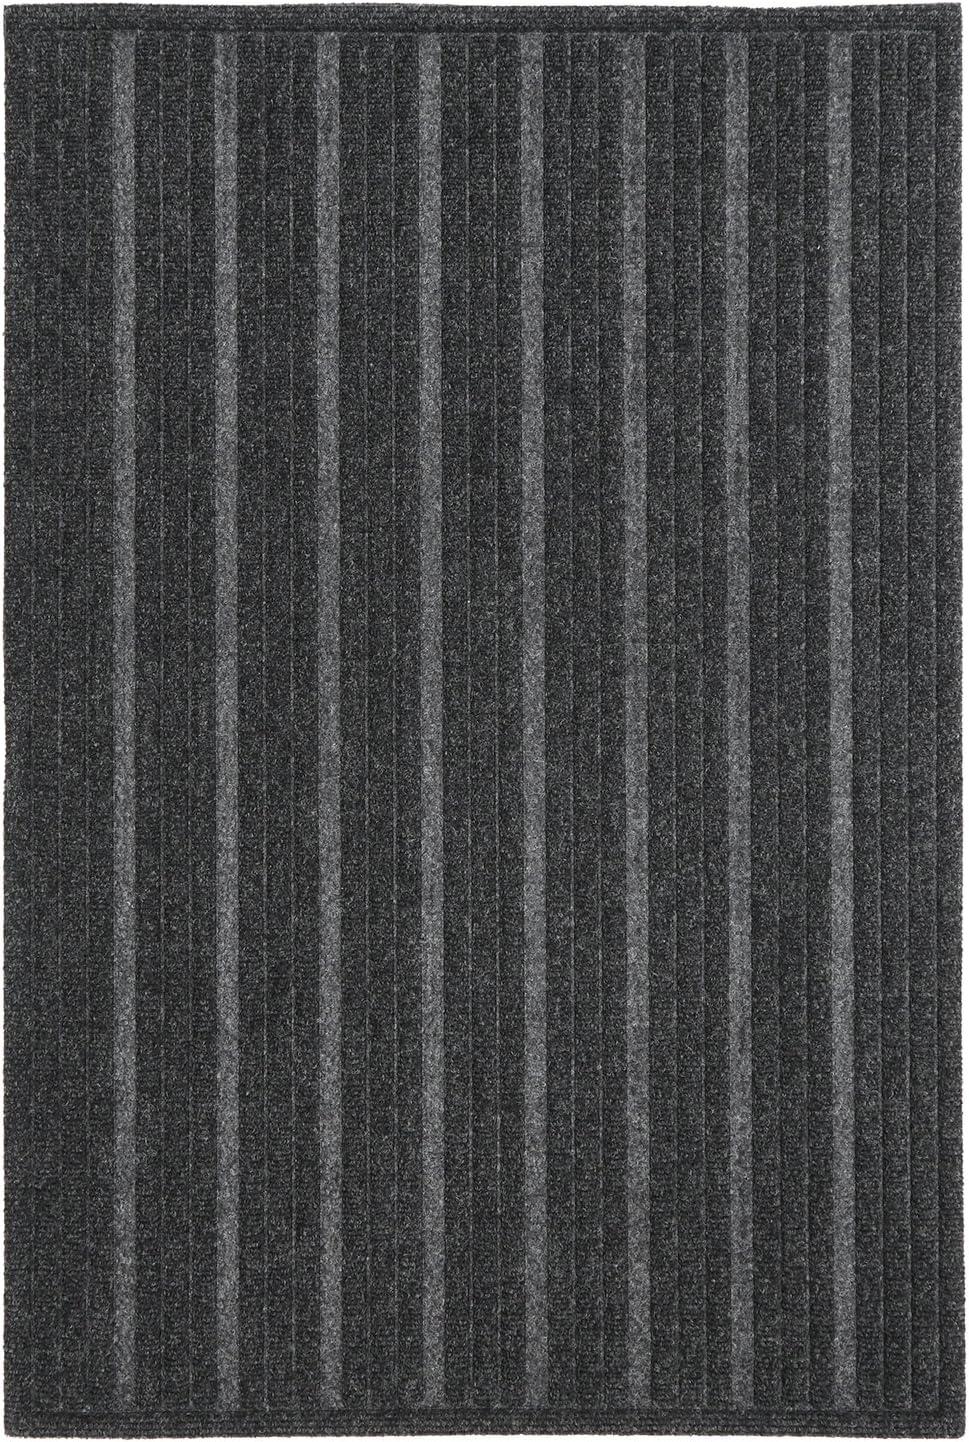 Mohawk Home Impressions Ribbed Charcoal Door Mat, 2'x3'